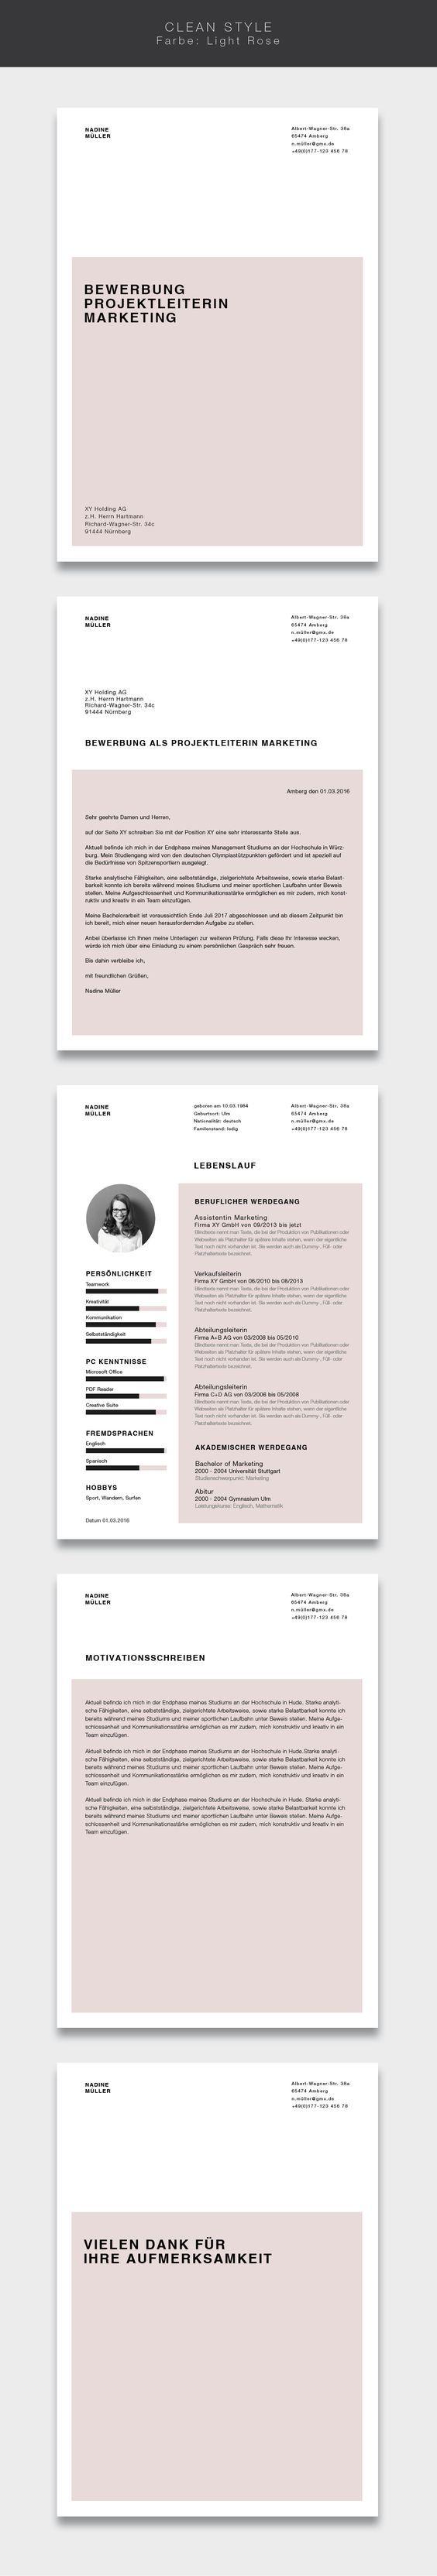 """Unsere Bewerbungsvorlage ( #cvtemplate ) """"Clean Style"""" in der Farbe Light Rose. Less is more. Einfaches und übersichtliches Design kombiniert mit einem strukturierten Aufbau. Mit der Vorlage """"Clean Style"""" lassen Sie alle Mitbewerber verblassen. Sie erhalten von uns ein Deckblatt, Anschreiben, Lebenslauf, Motivationsschreiben und Abschlussseite. Die Datei bekommen Sie als fertige Pages- oder Word-Datei inklusive Platzhaltertext mit Hinweisen. #grafikdesign #fashion"""